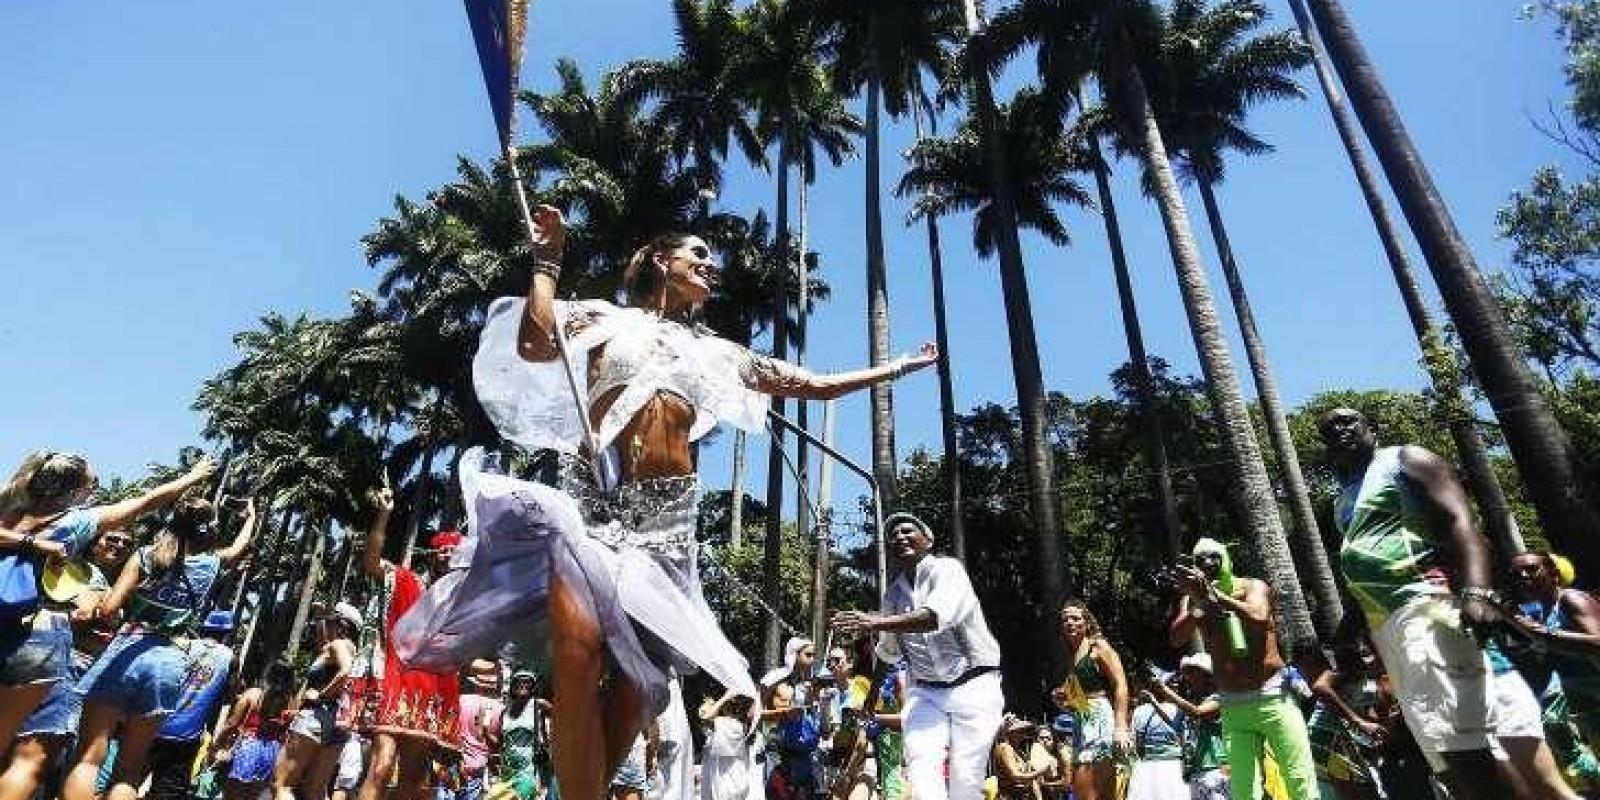 Carnaval não é feriado; saiba o que diz a lei